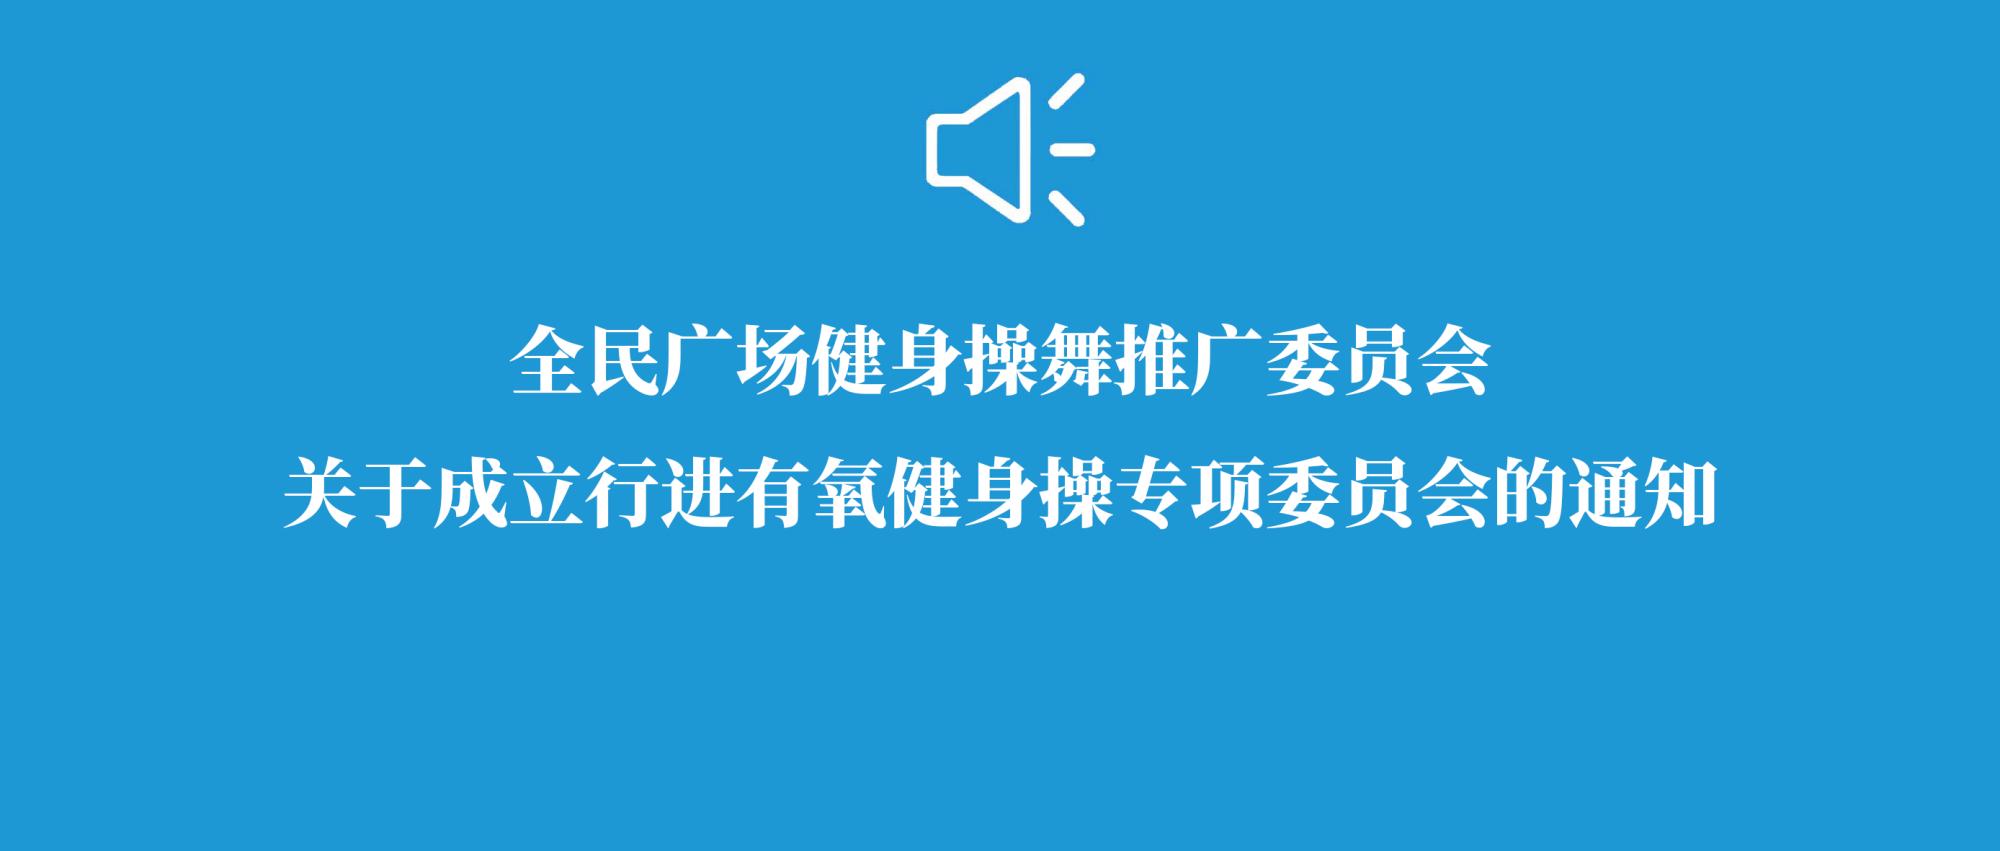 全民广场健身操舞推广委员会成立行进有氧健身操专项委员会的通知